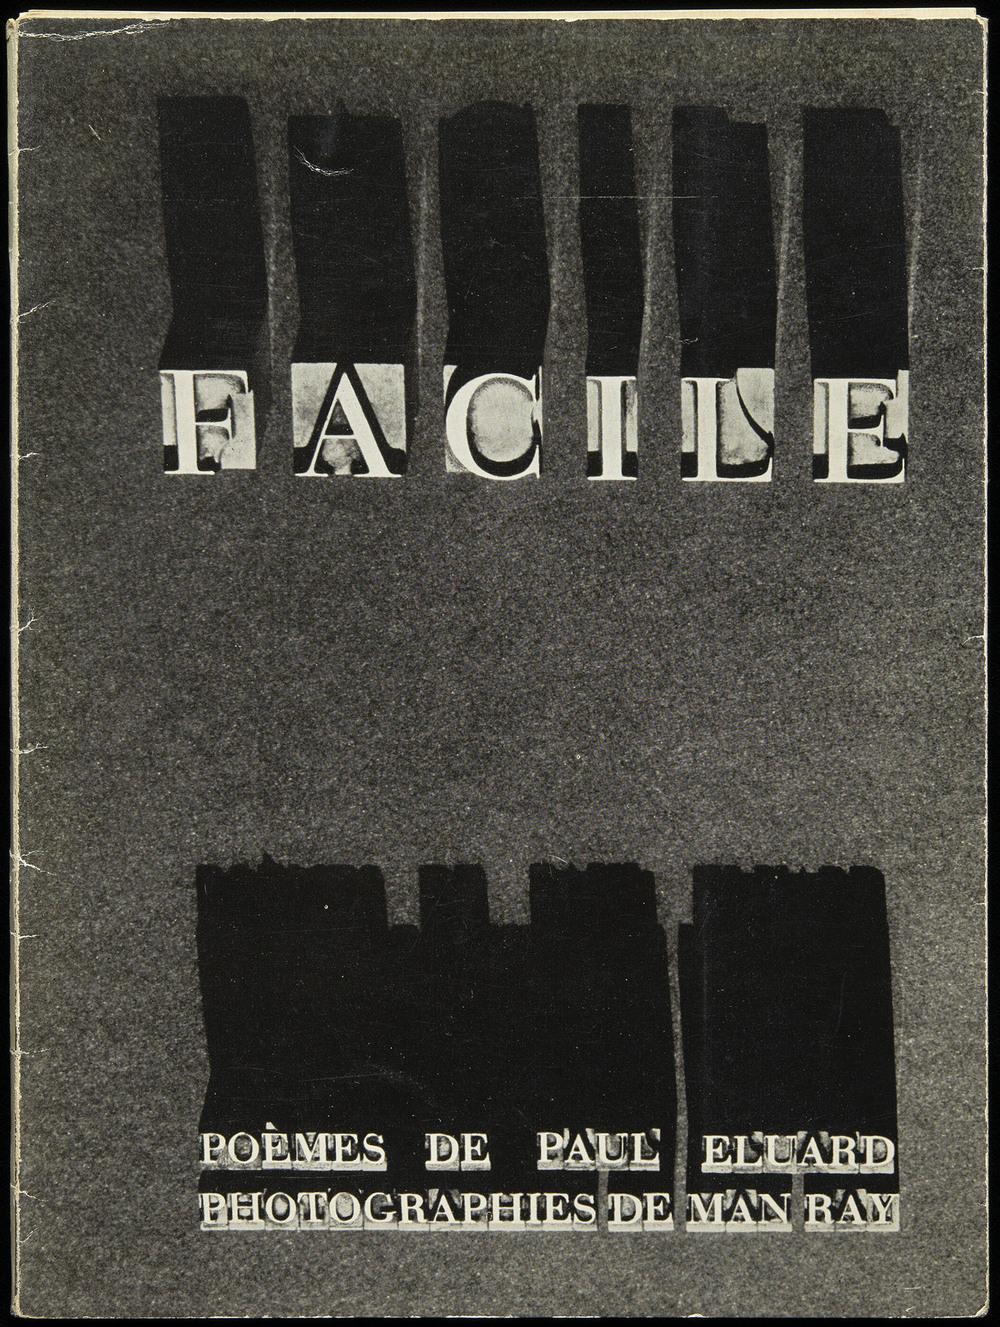 Man Ray,  Facile  by Paul Eluard, Editions GLM, Paris 1935, 18.3 x 24.5